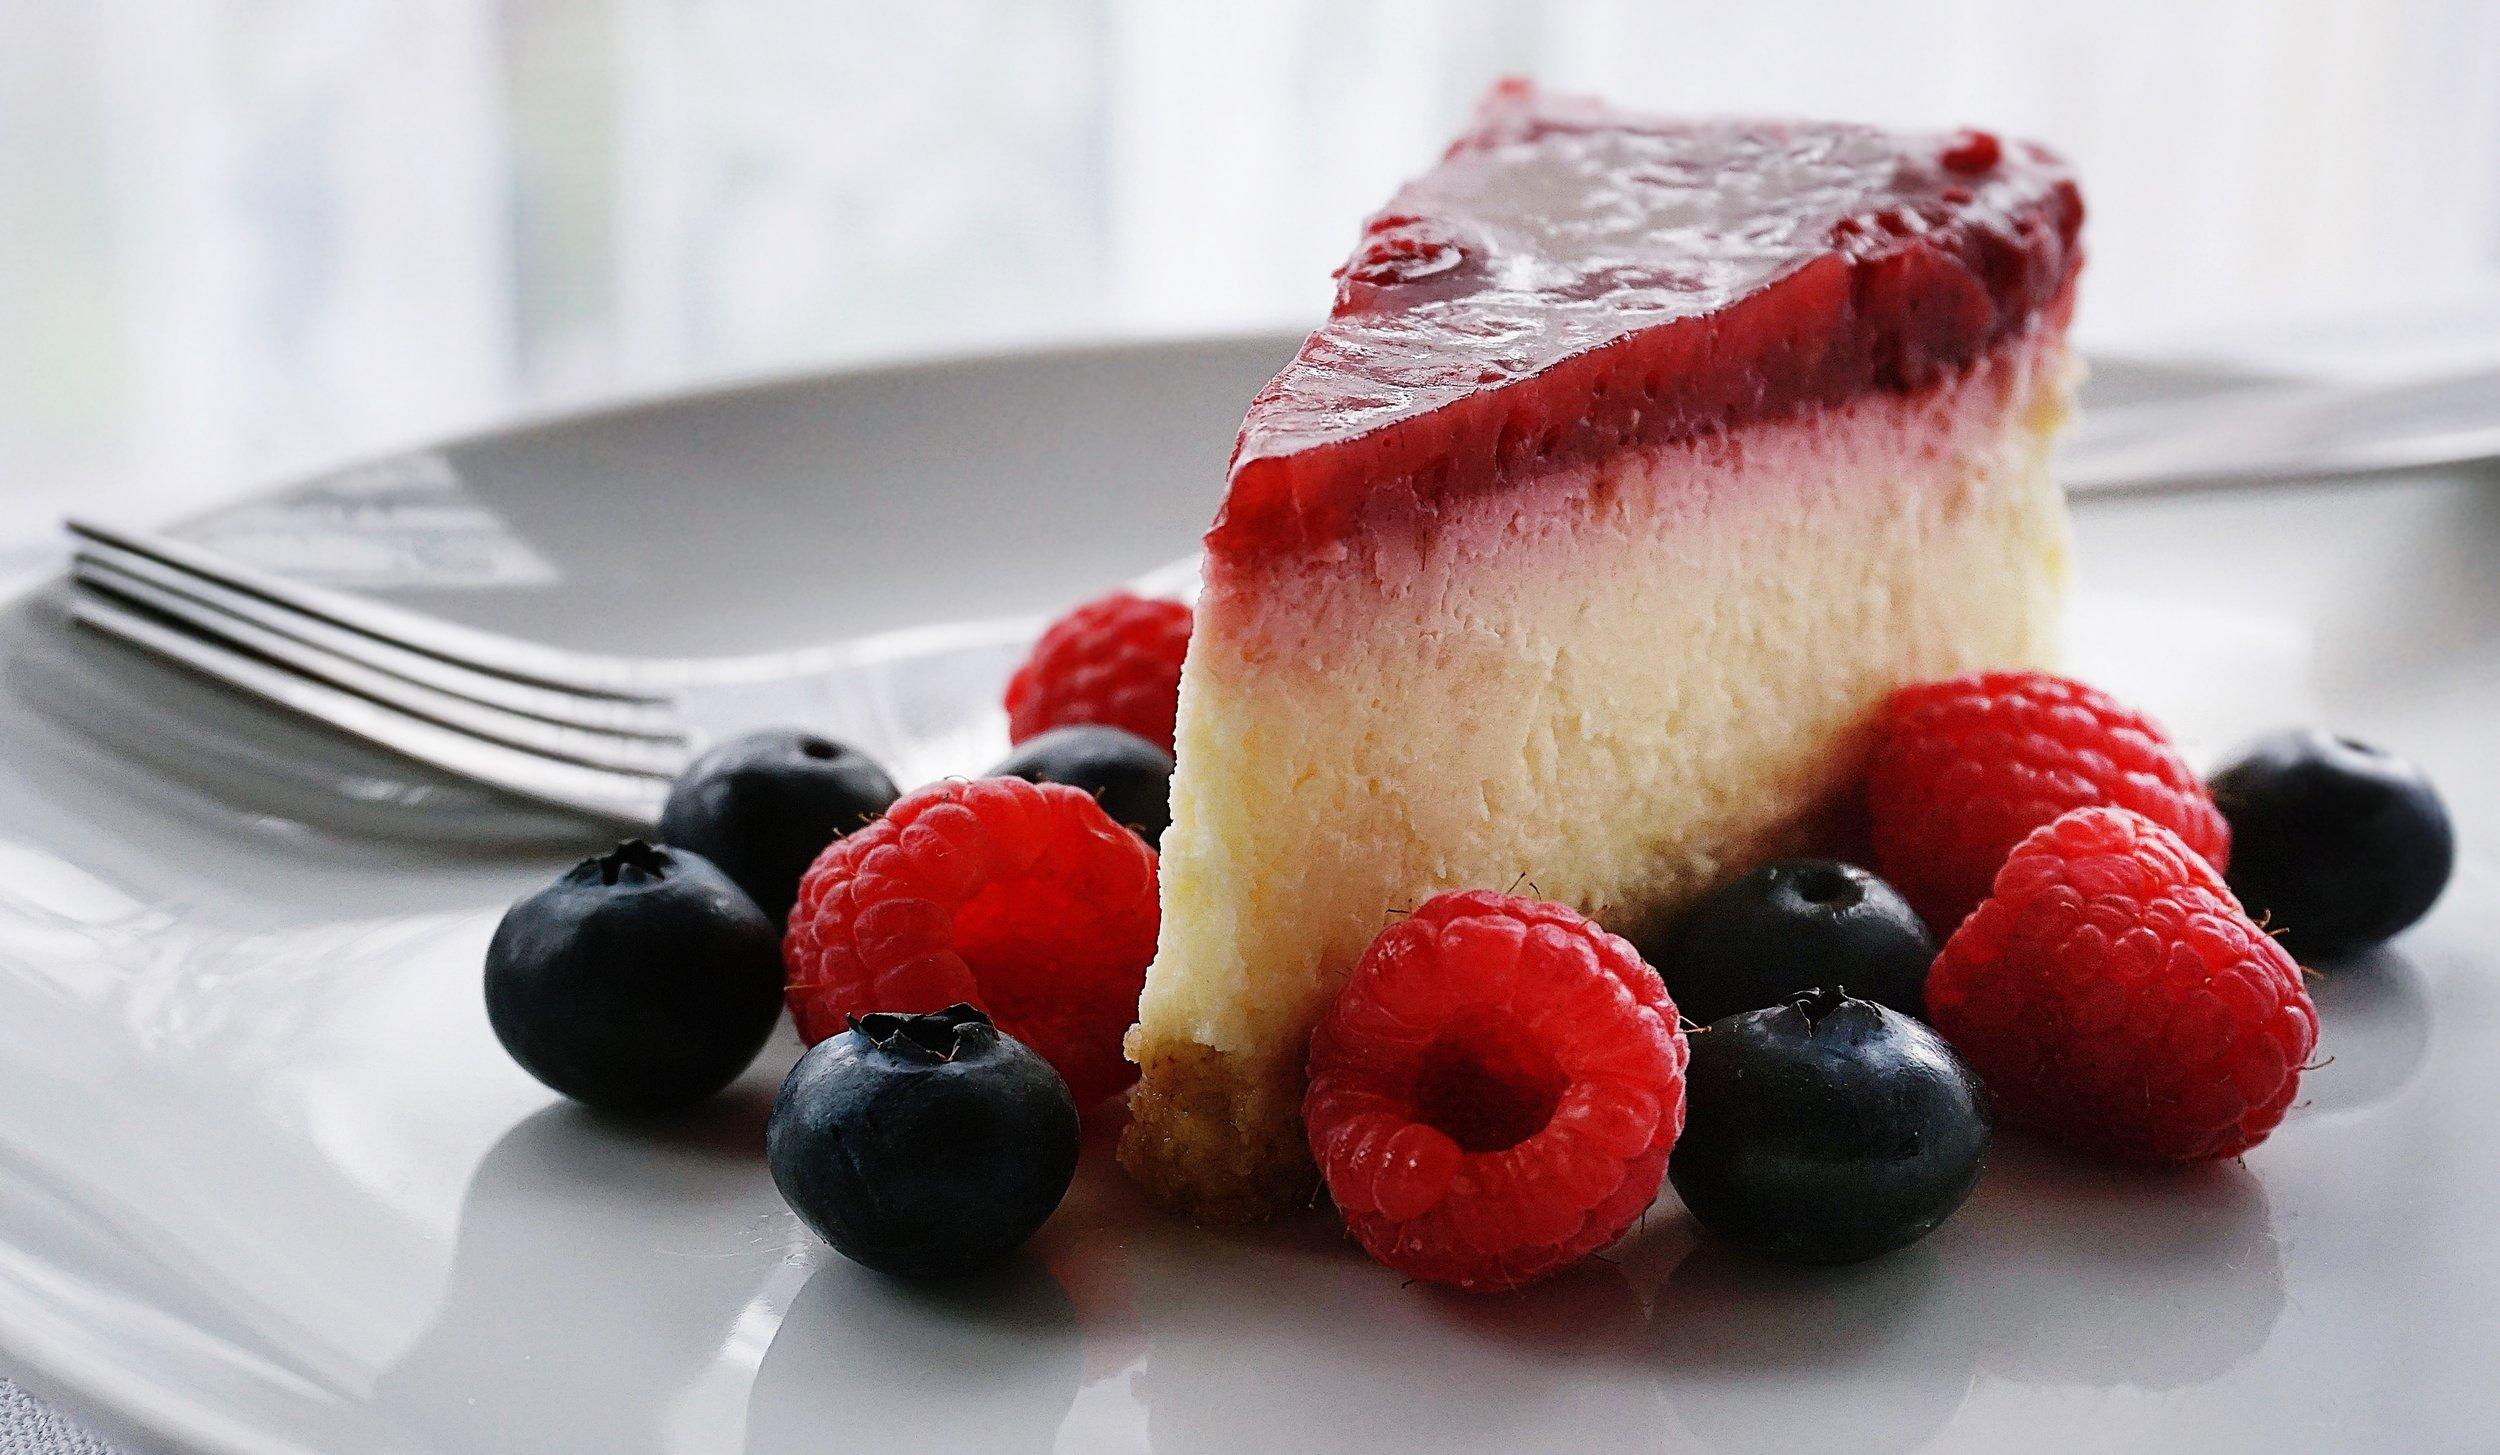 berries-blueberries-cake-1126359.jpg